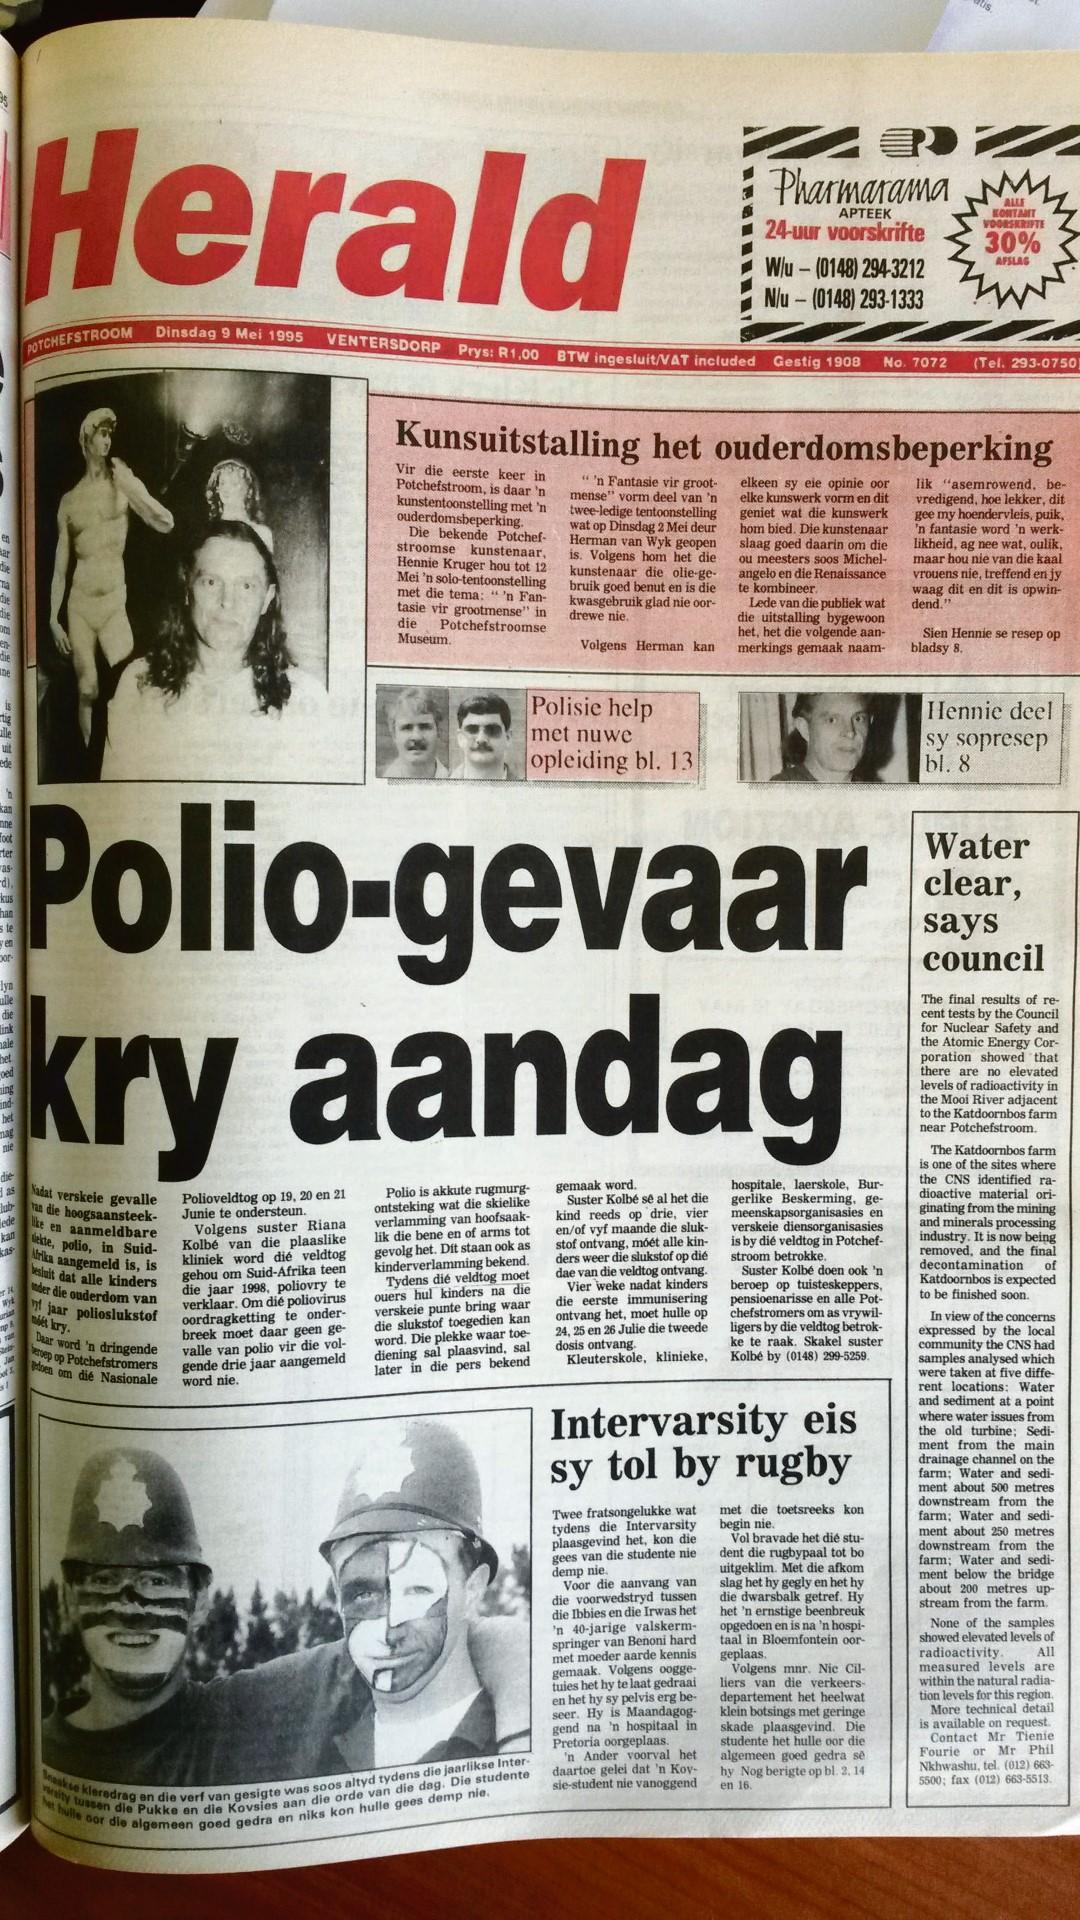 20 jaar gelede, Die voorblad van 9 Mei 1995